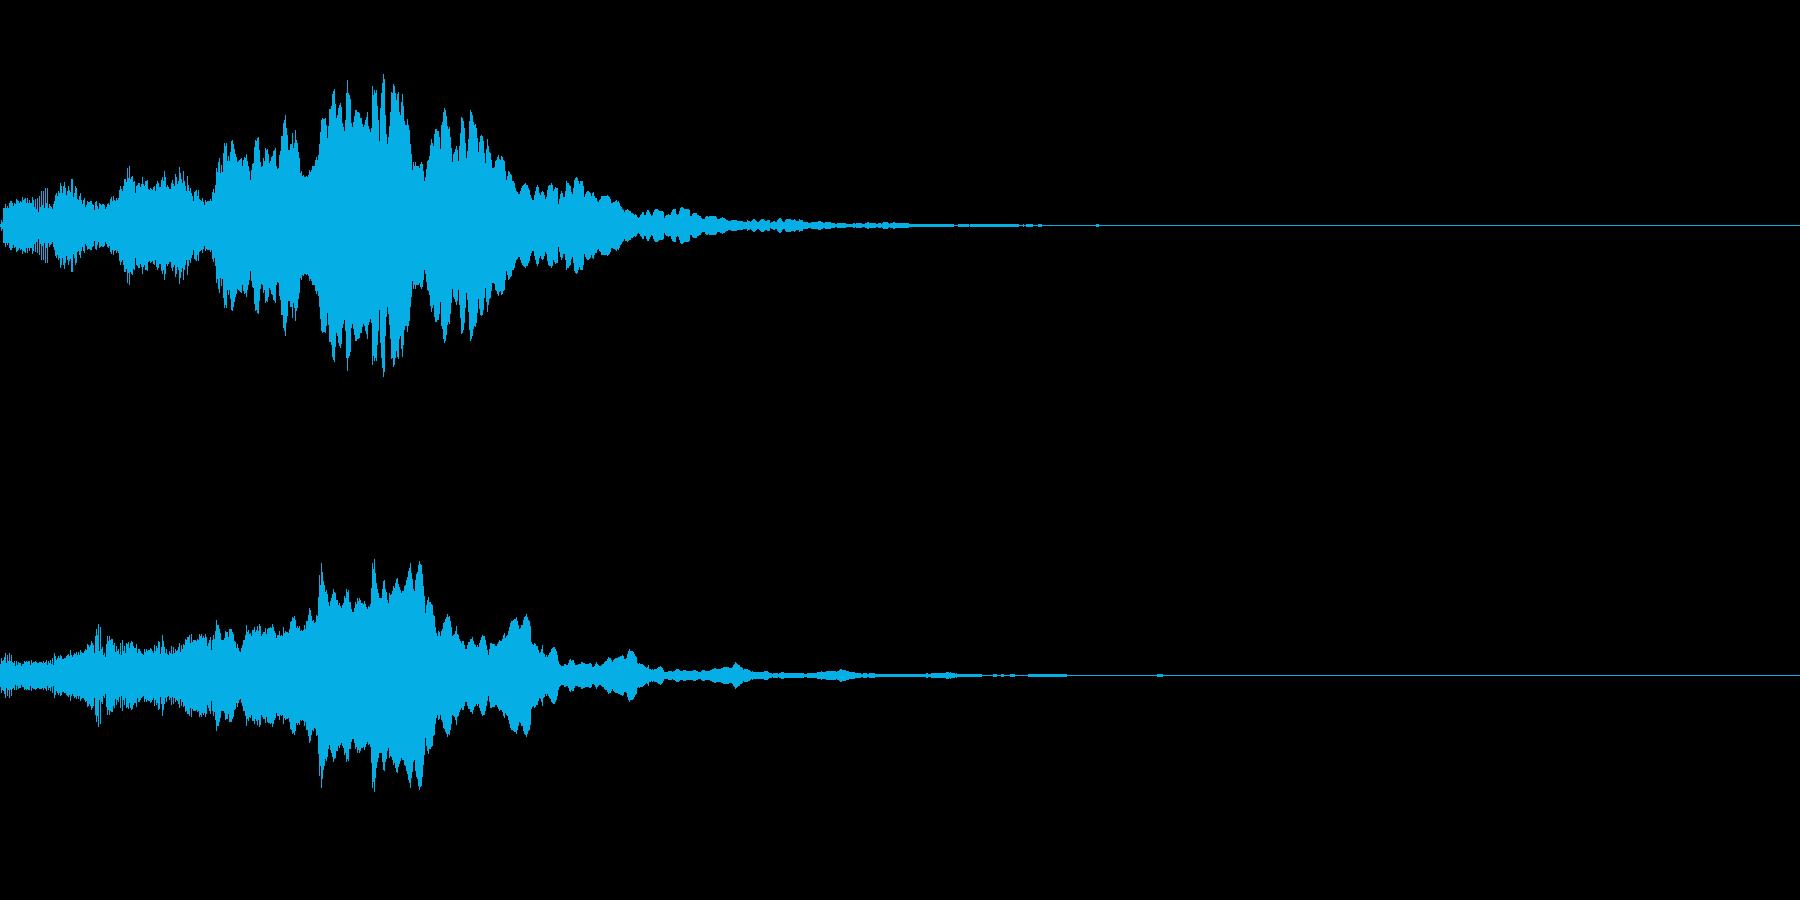 ぴぽぴぽ(ロゴ出現音)A05の再生済みの波形